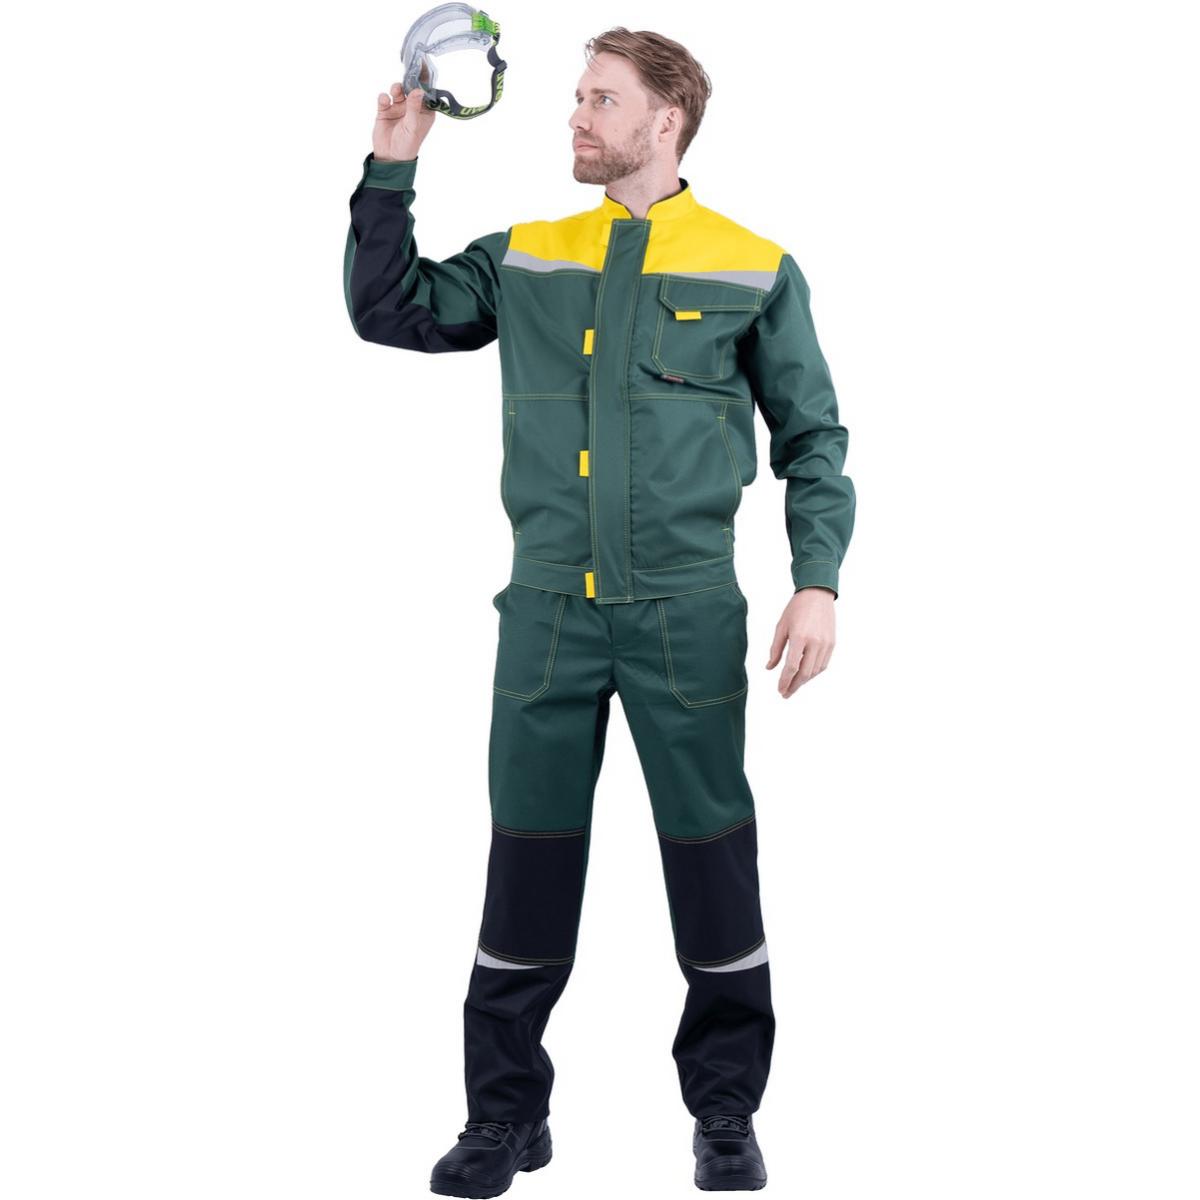 Костюм КМ-10 ЛЮКС зеленый-желтый (разм. 104-108 рост 182-188)